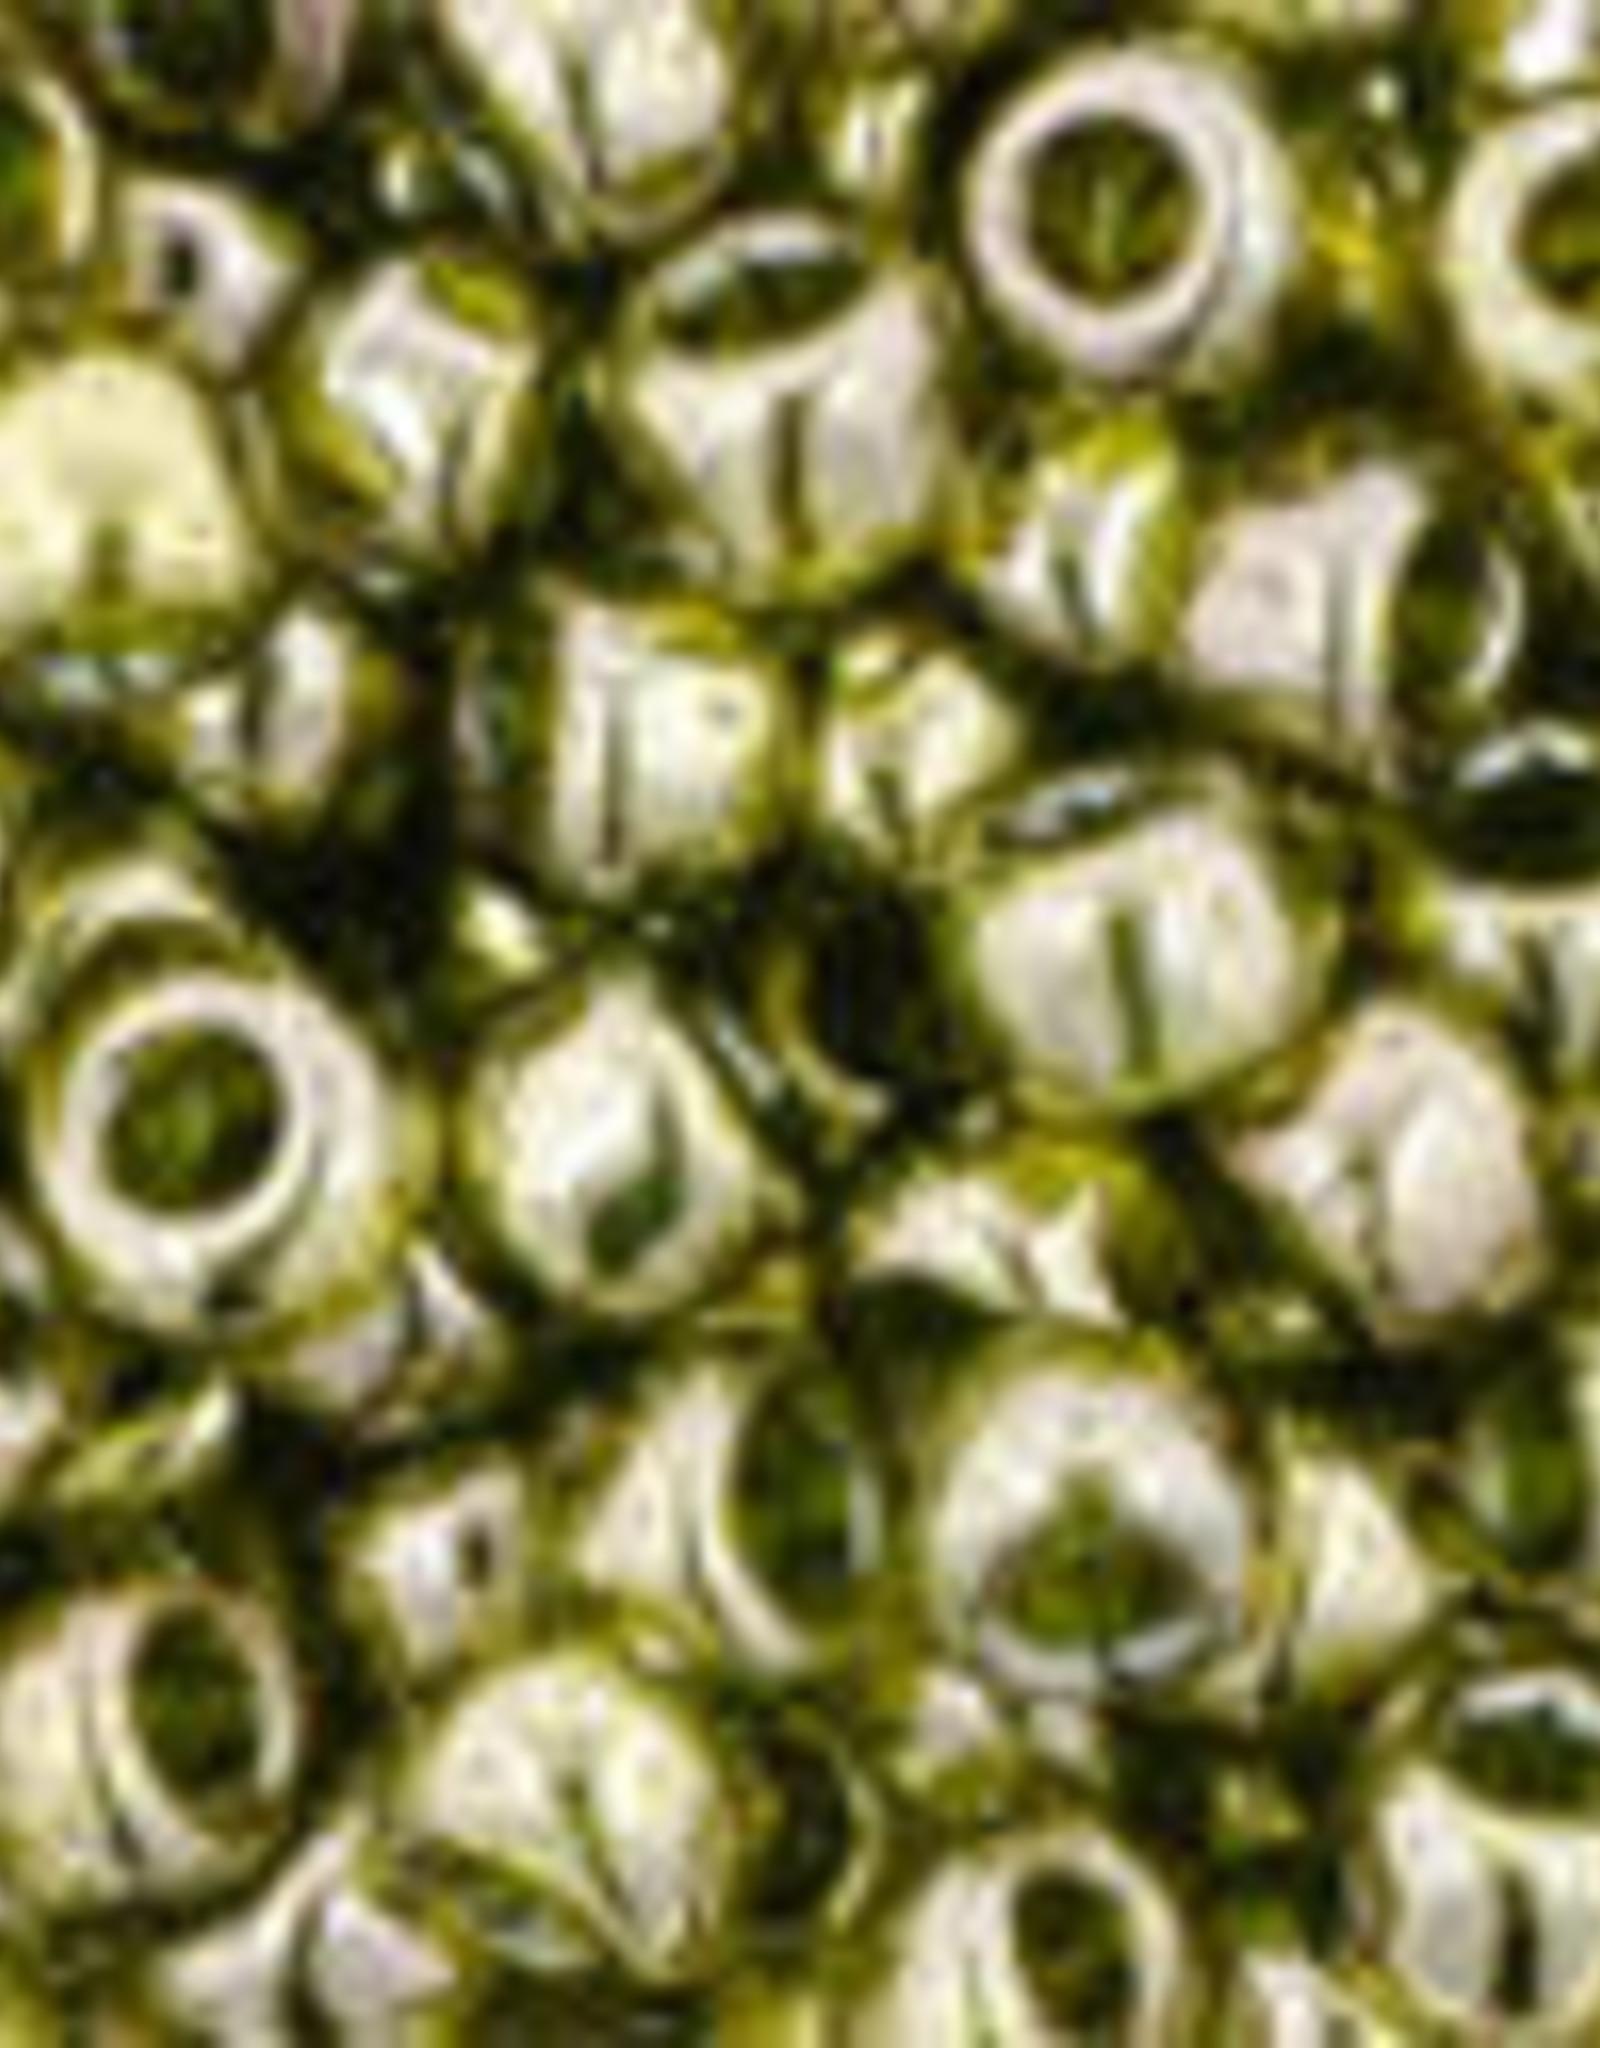 SB11 Lust Green Tea